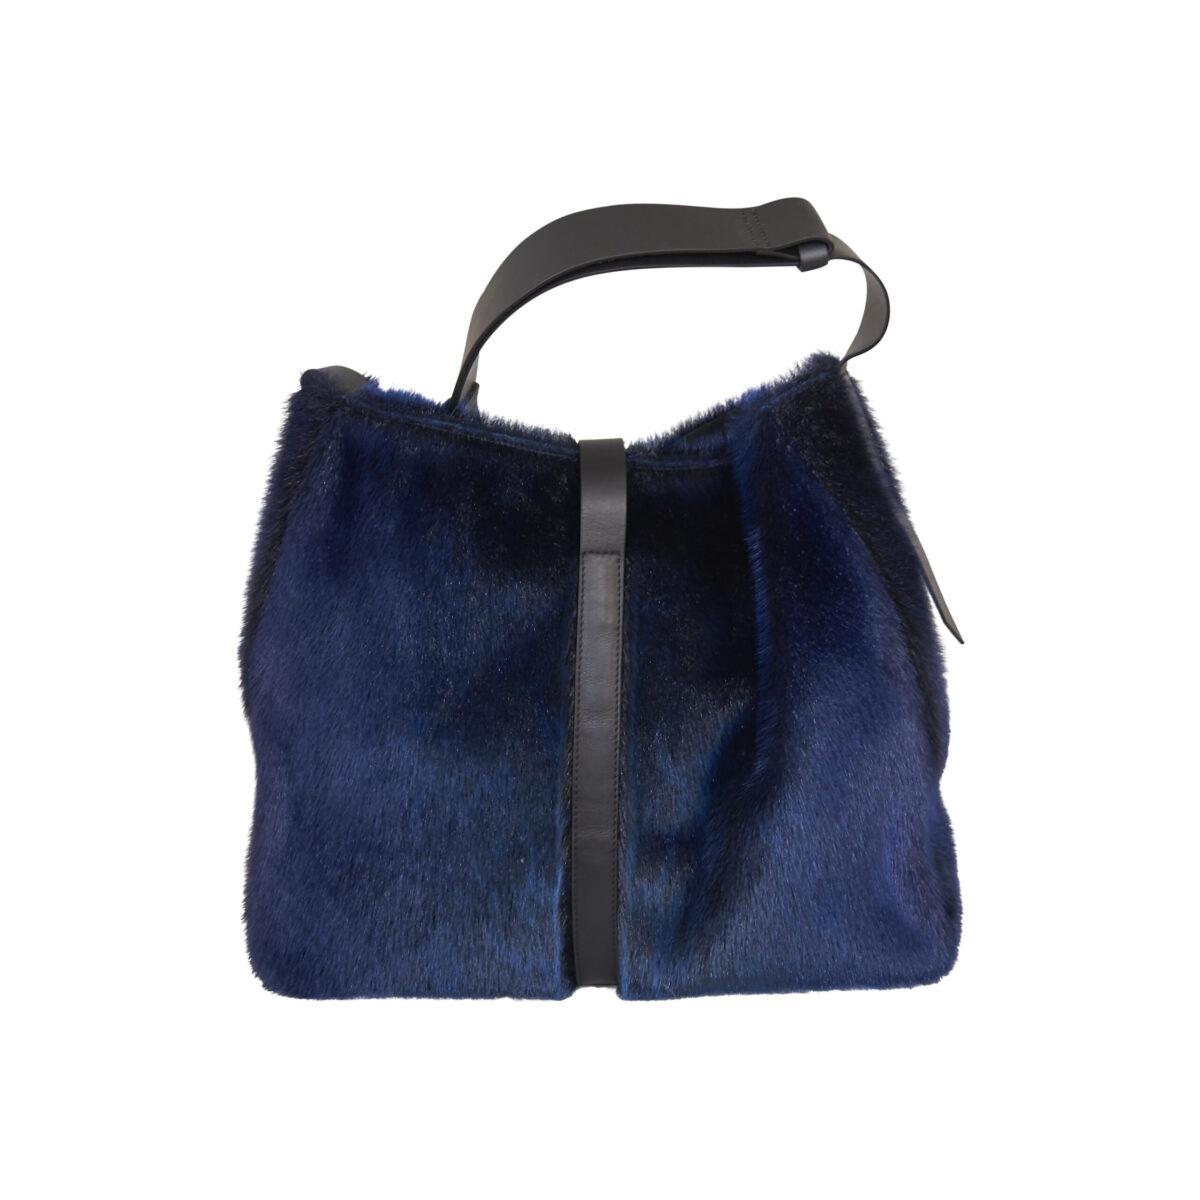 Ussing taske i blåt sælskind